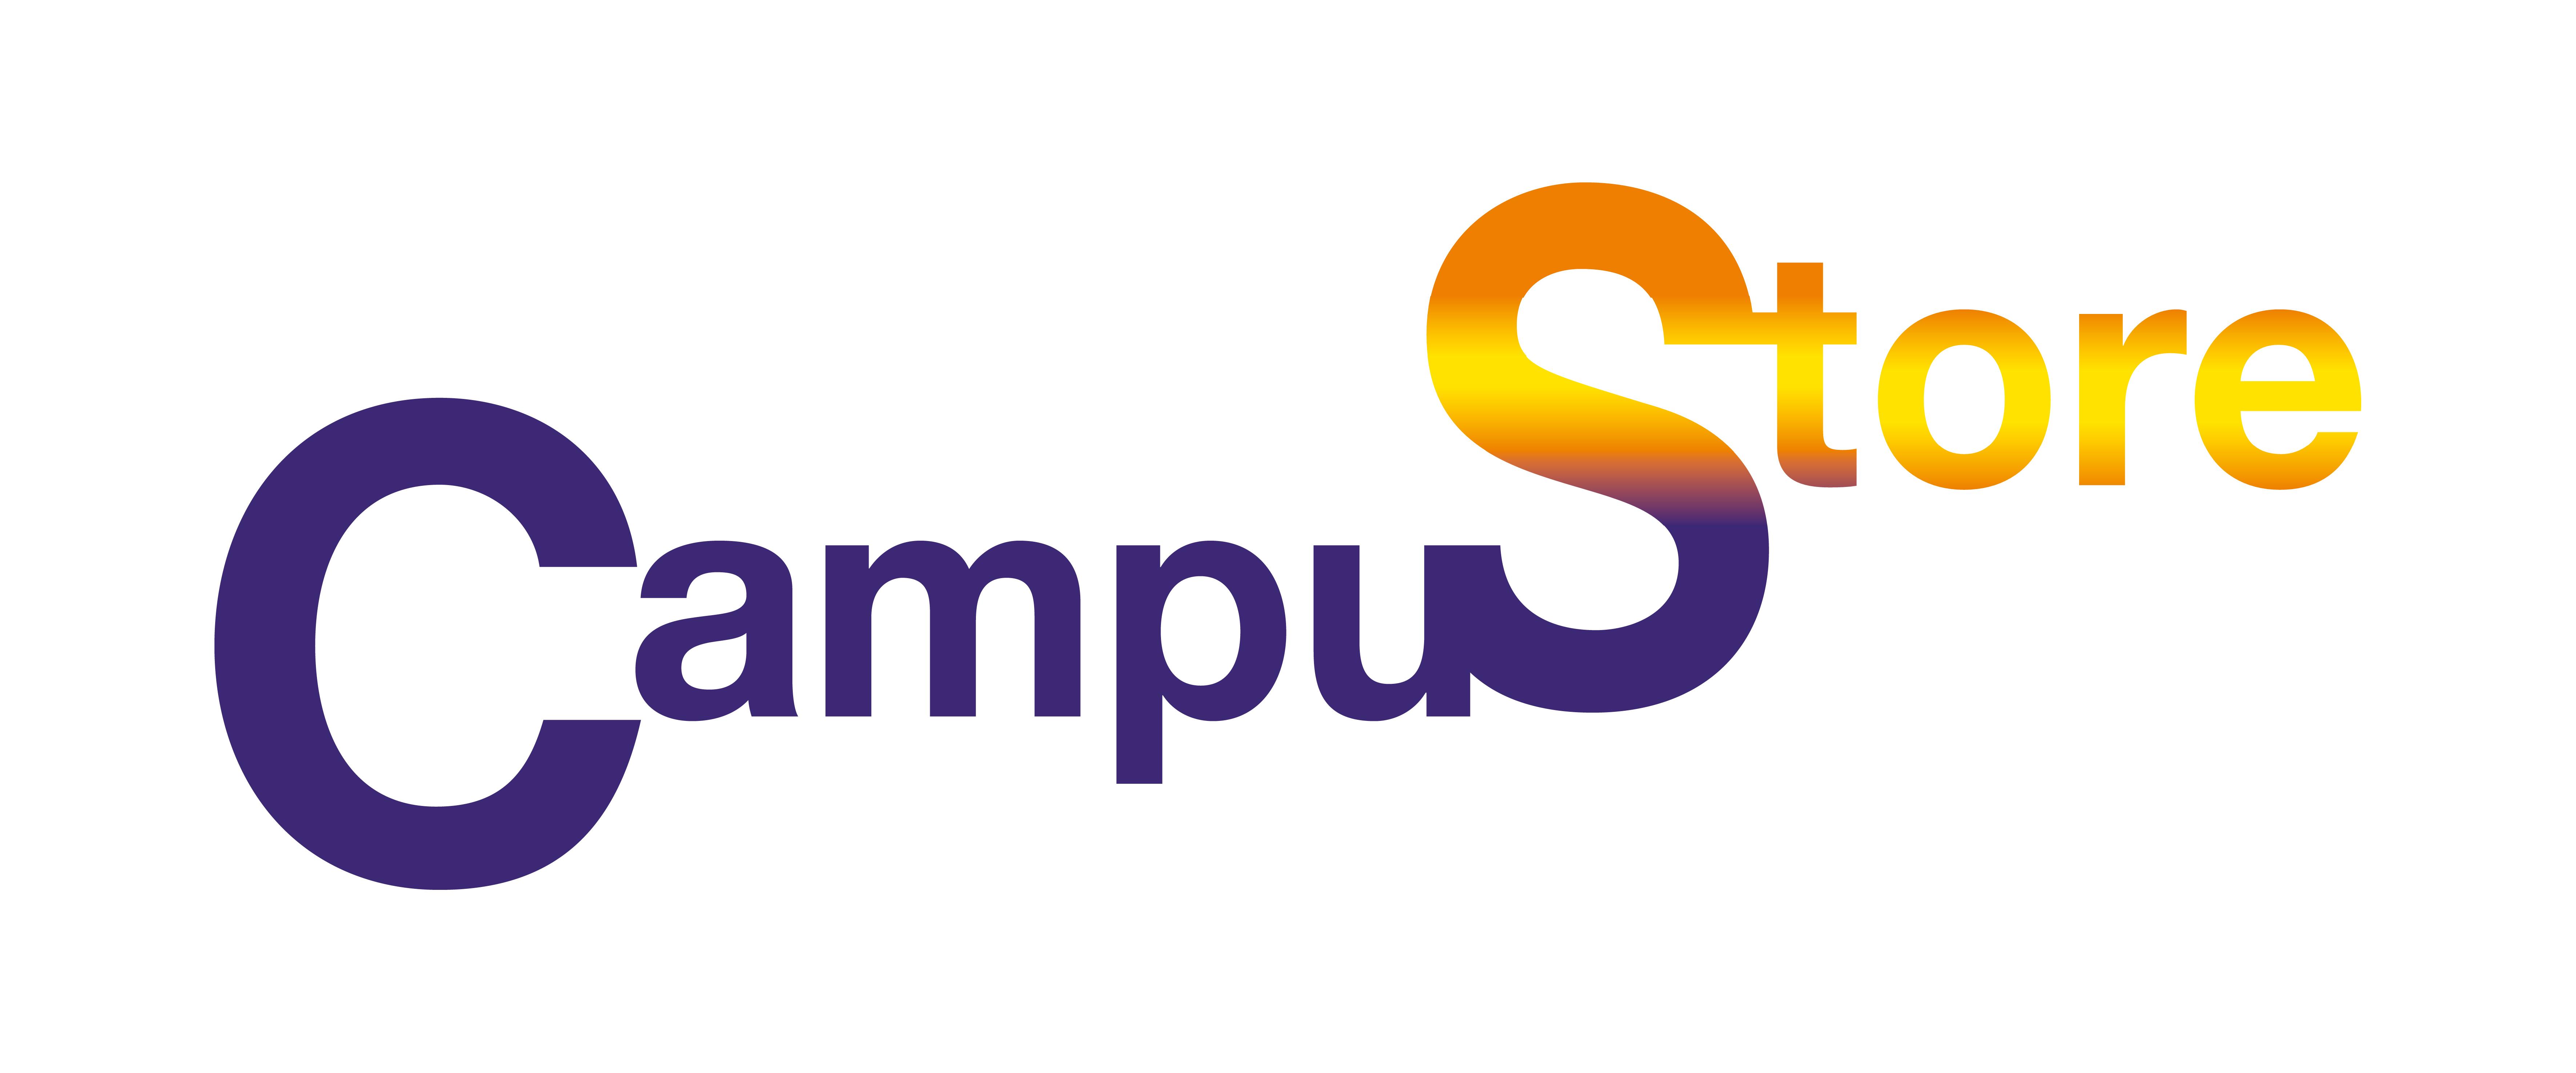 campustore-copy.jpg